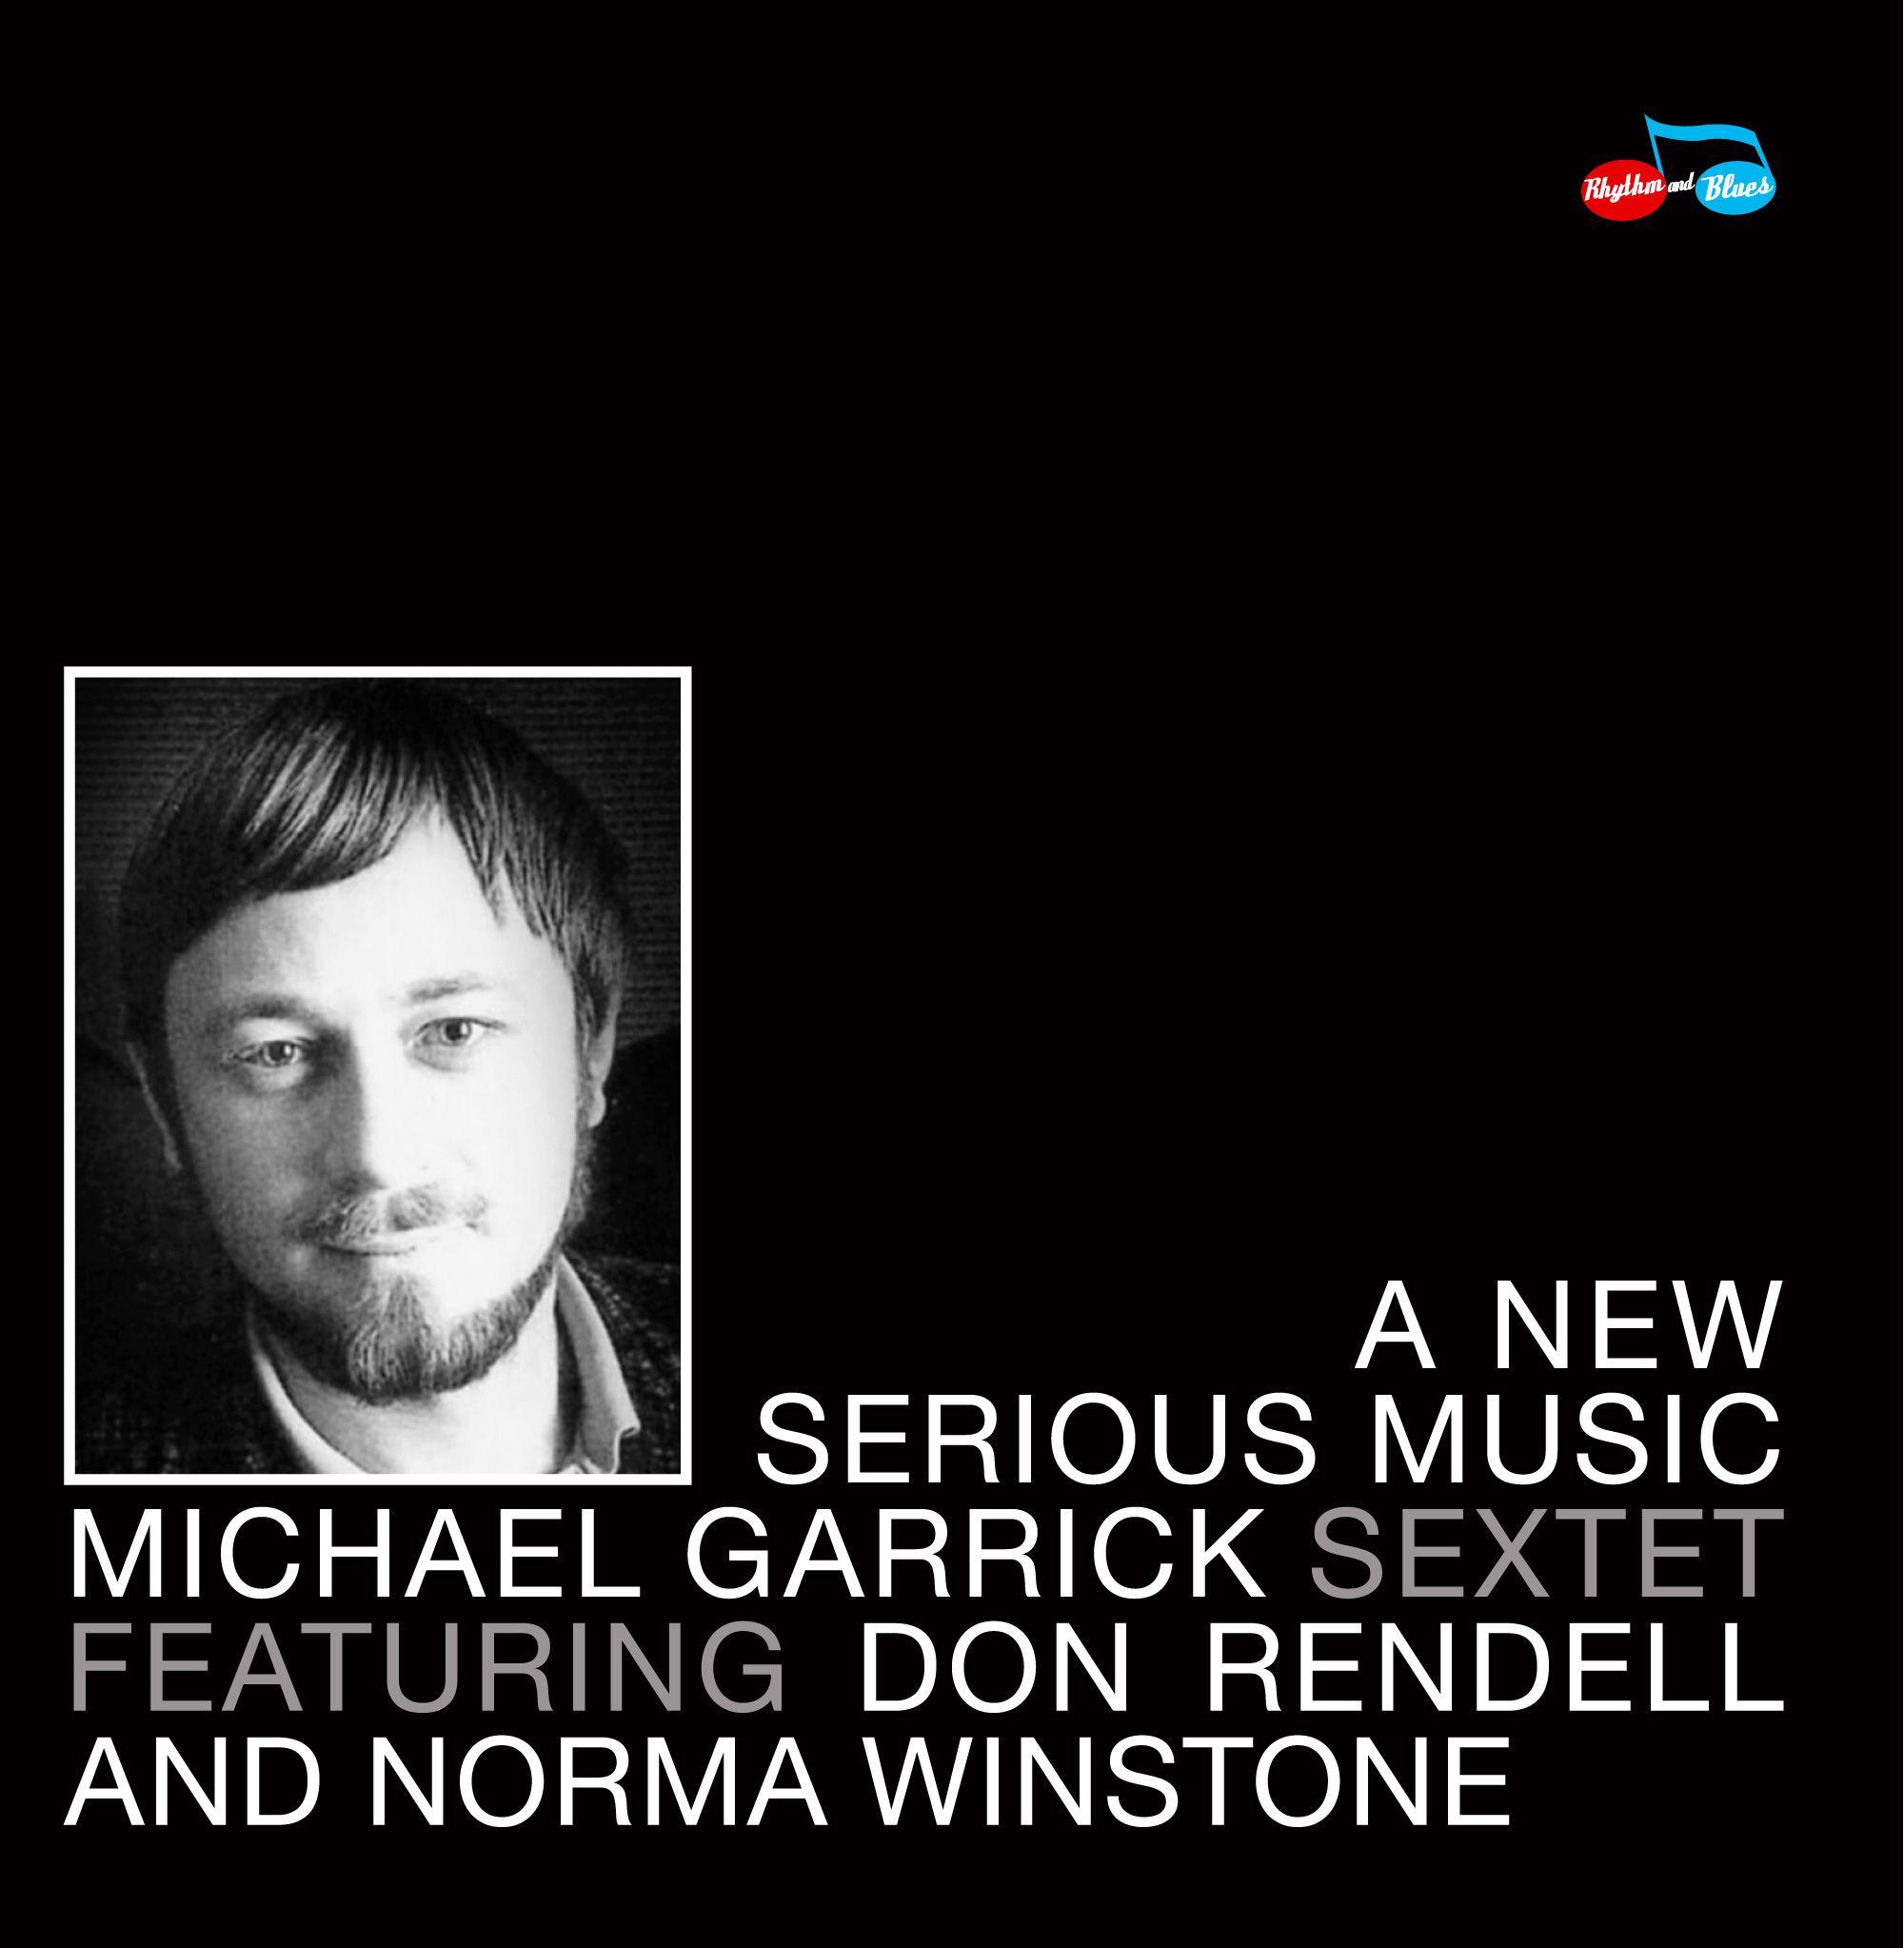 RANDB076-Garrick